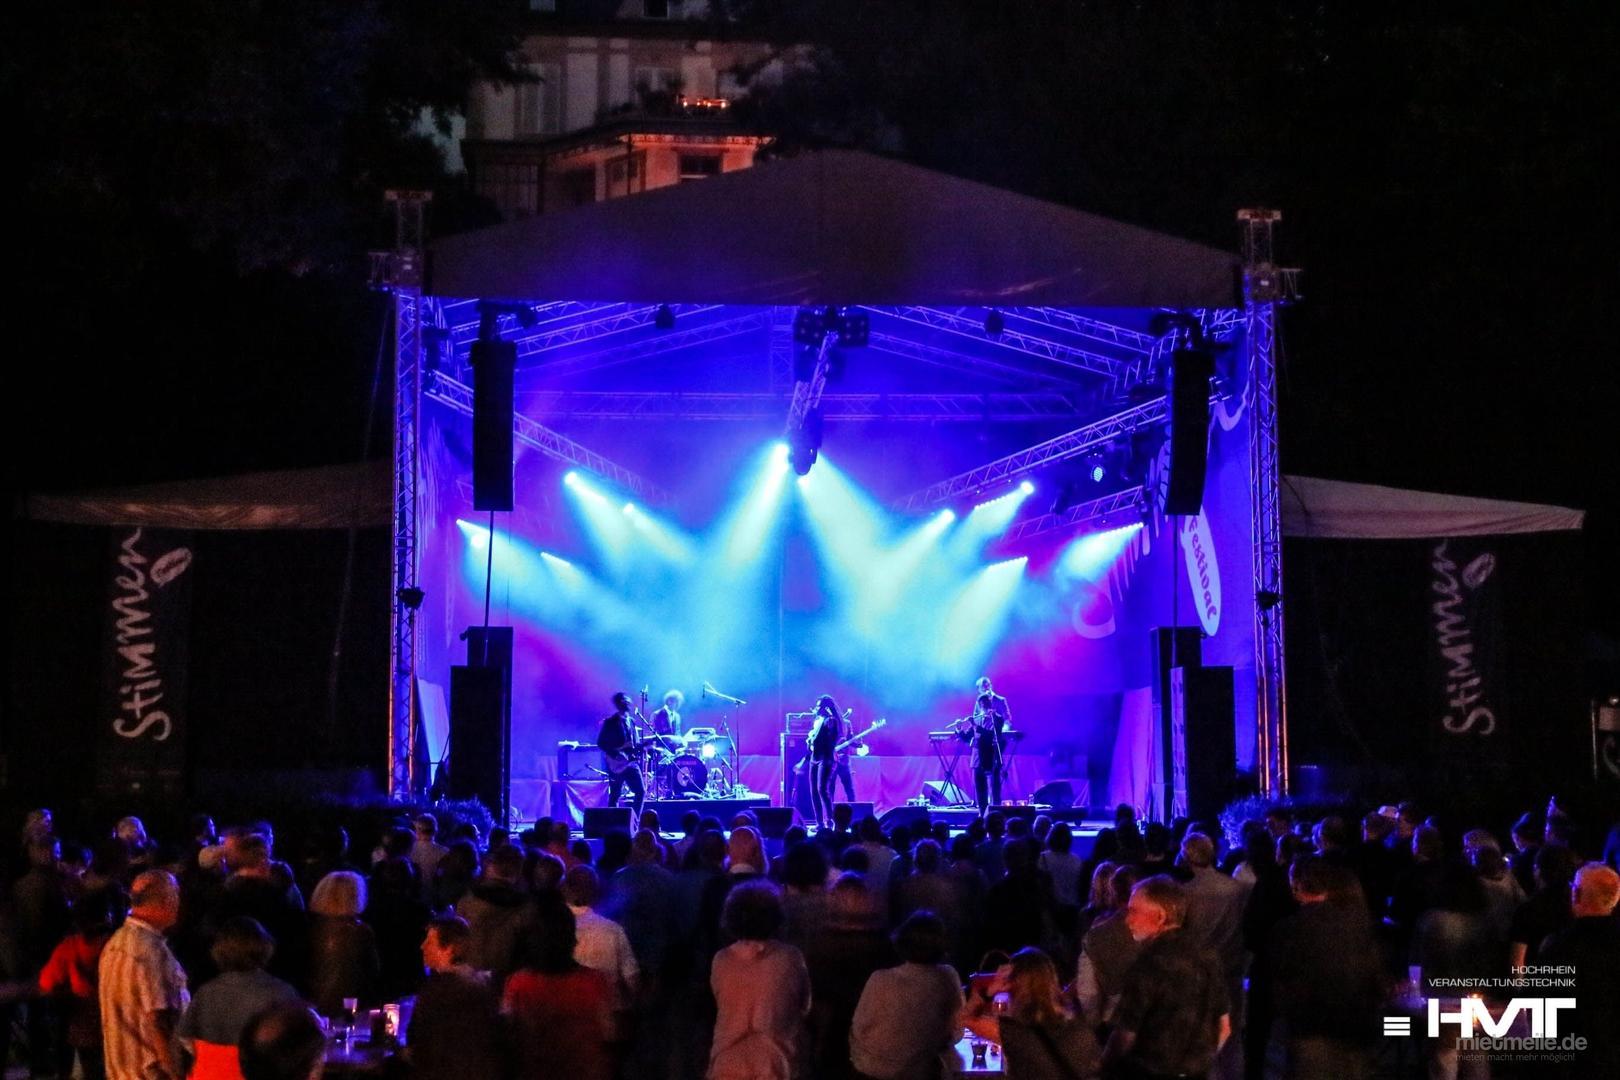 Bühne mieten & vermieten - Bühne mit Bühnendach 12 x 10 m in Waldshut-Tiengen